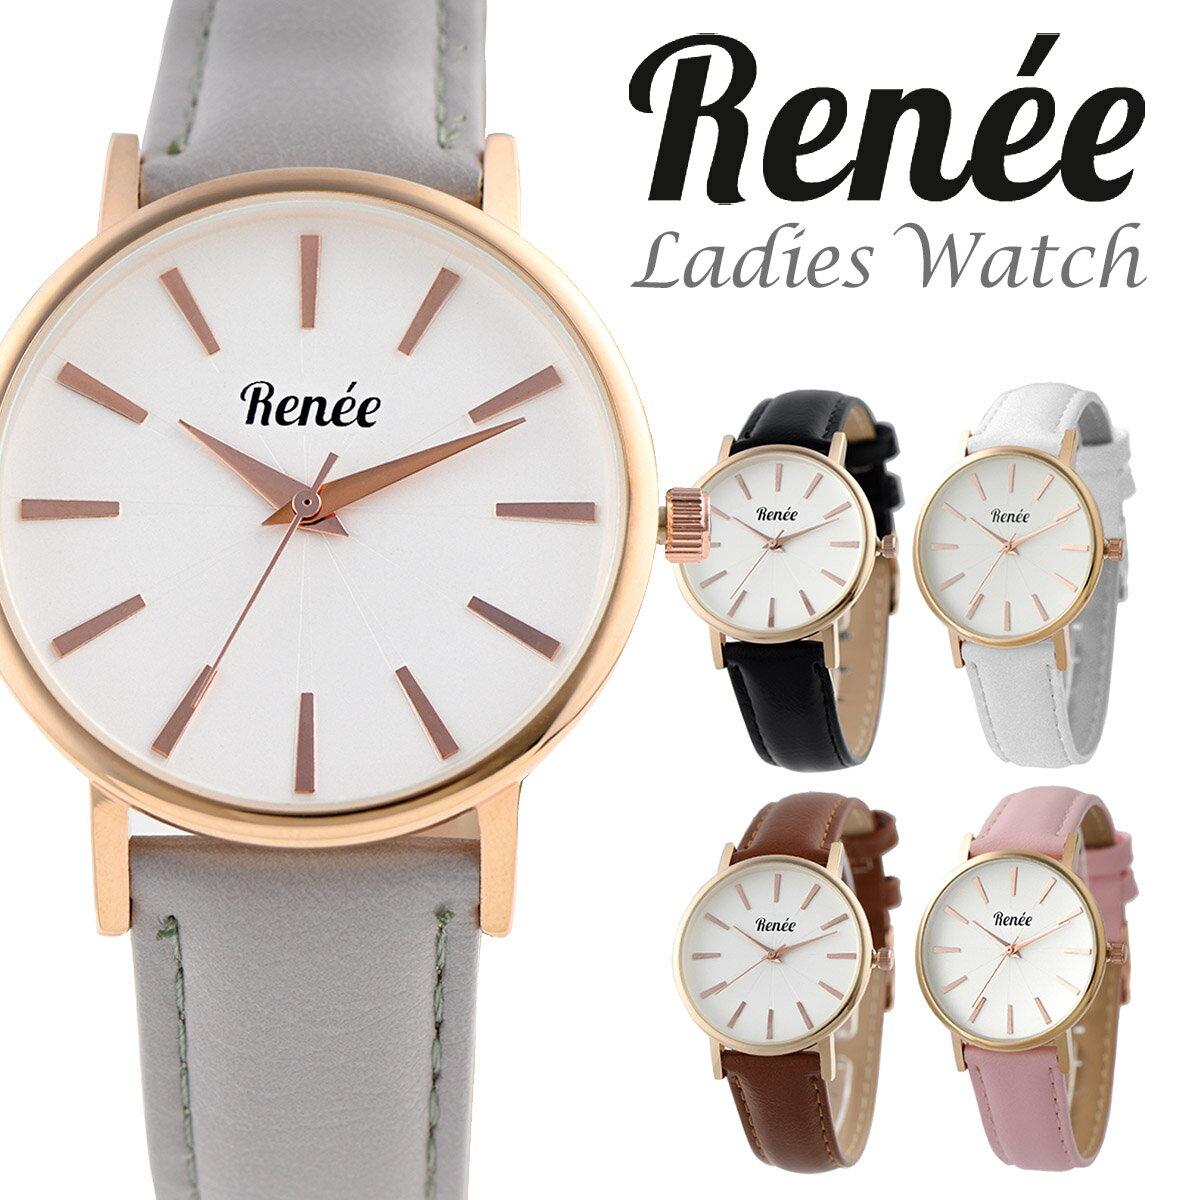 RENEE ルネ R02 腕時計 レディース アナログ クォーツウォッチ おしゃれ シンプル レザー 人気 カジュアル